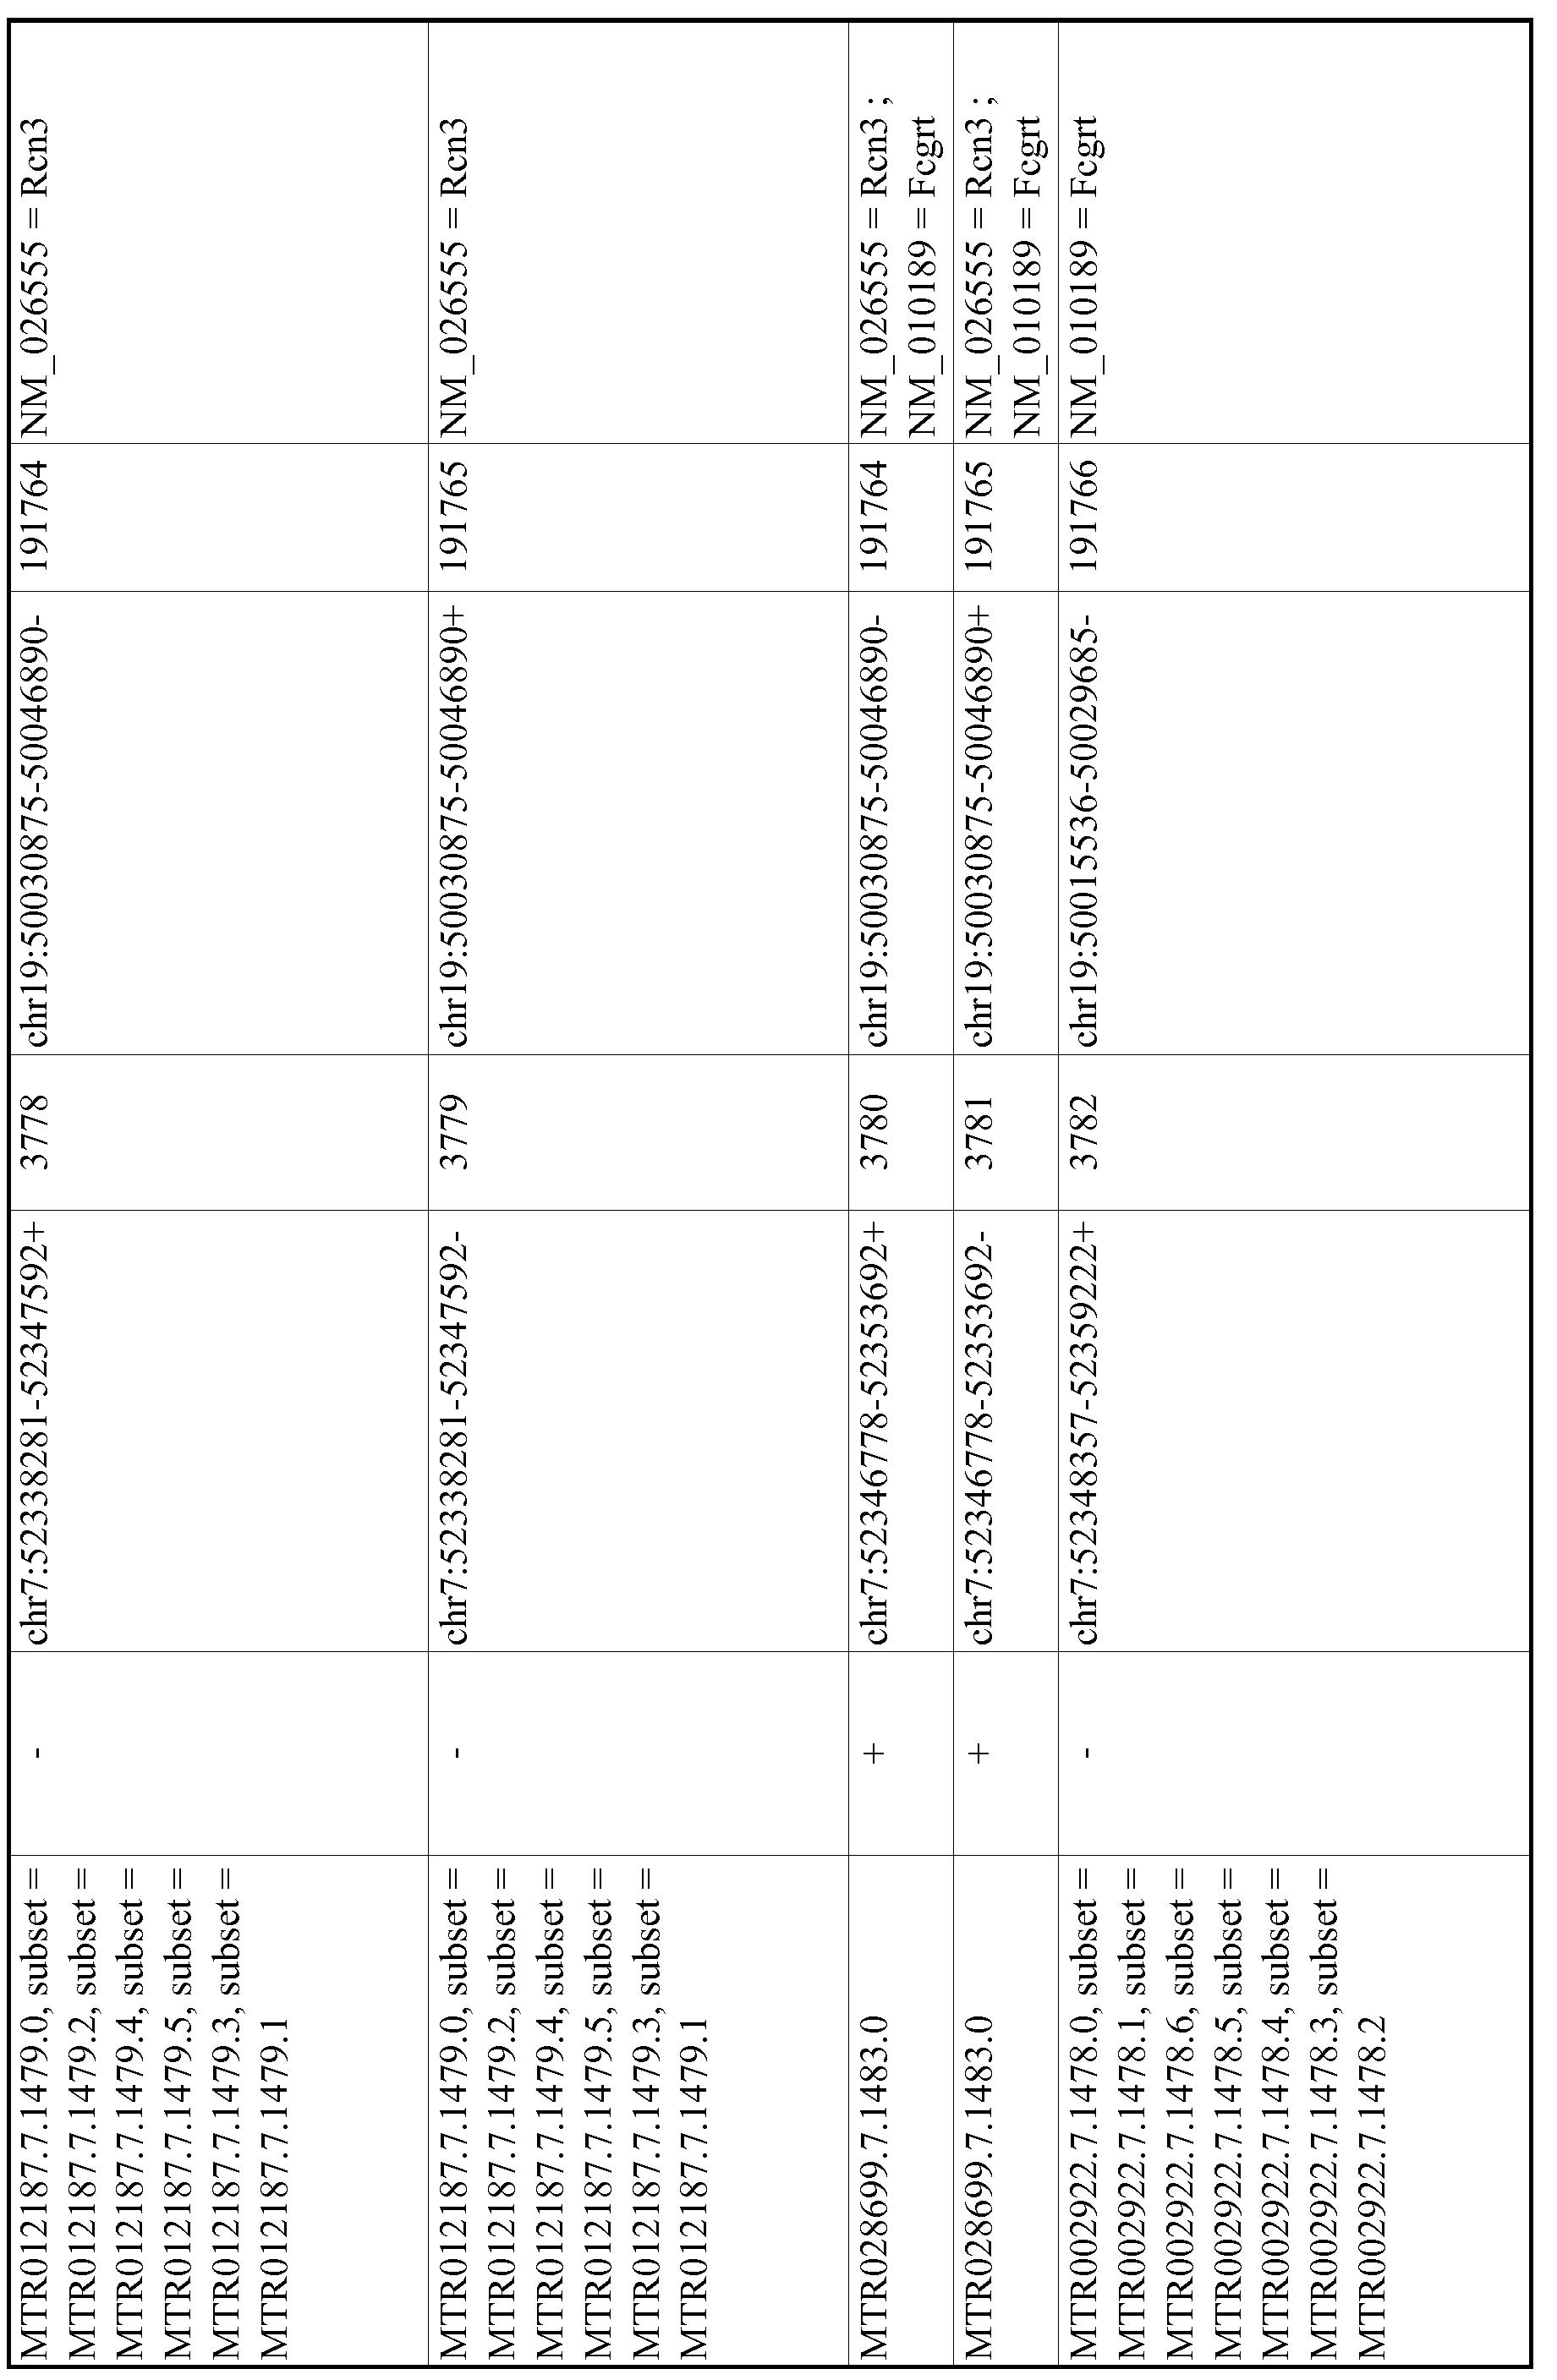 Figure imgf000726_0001